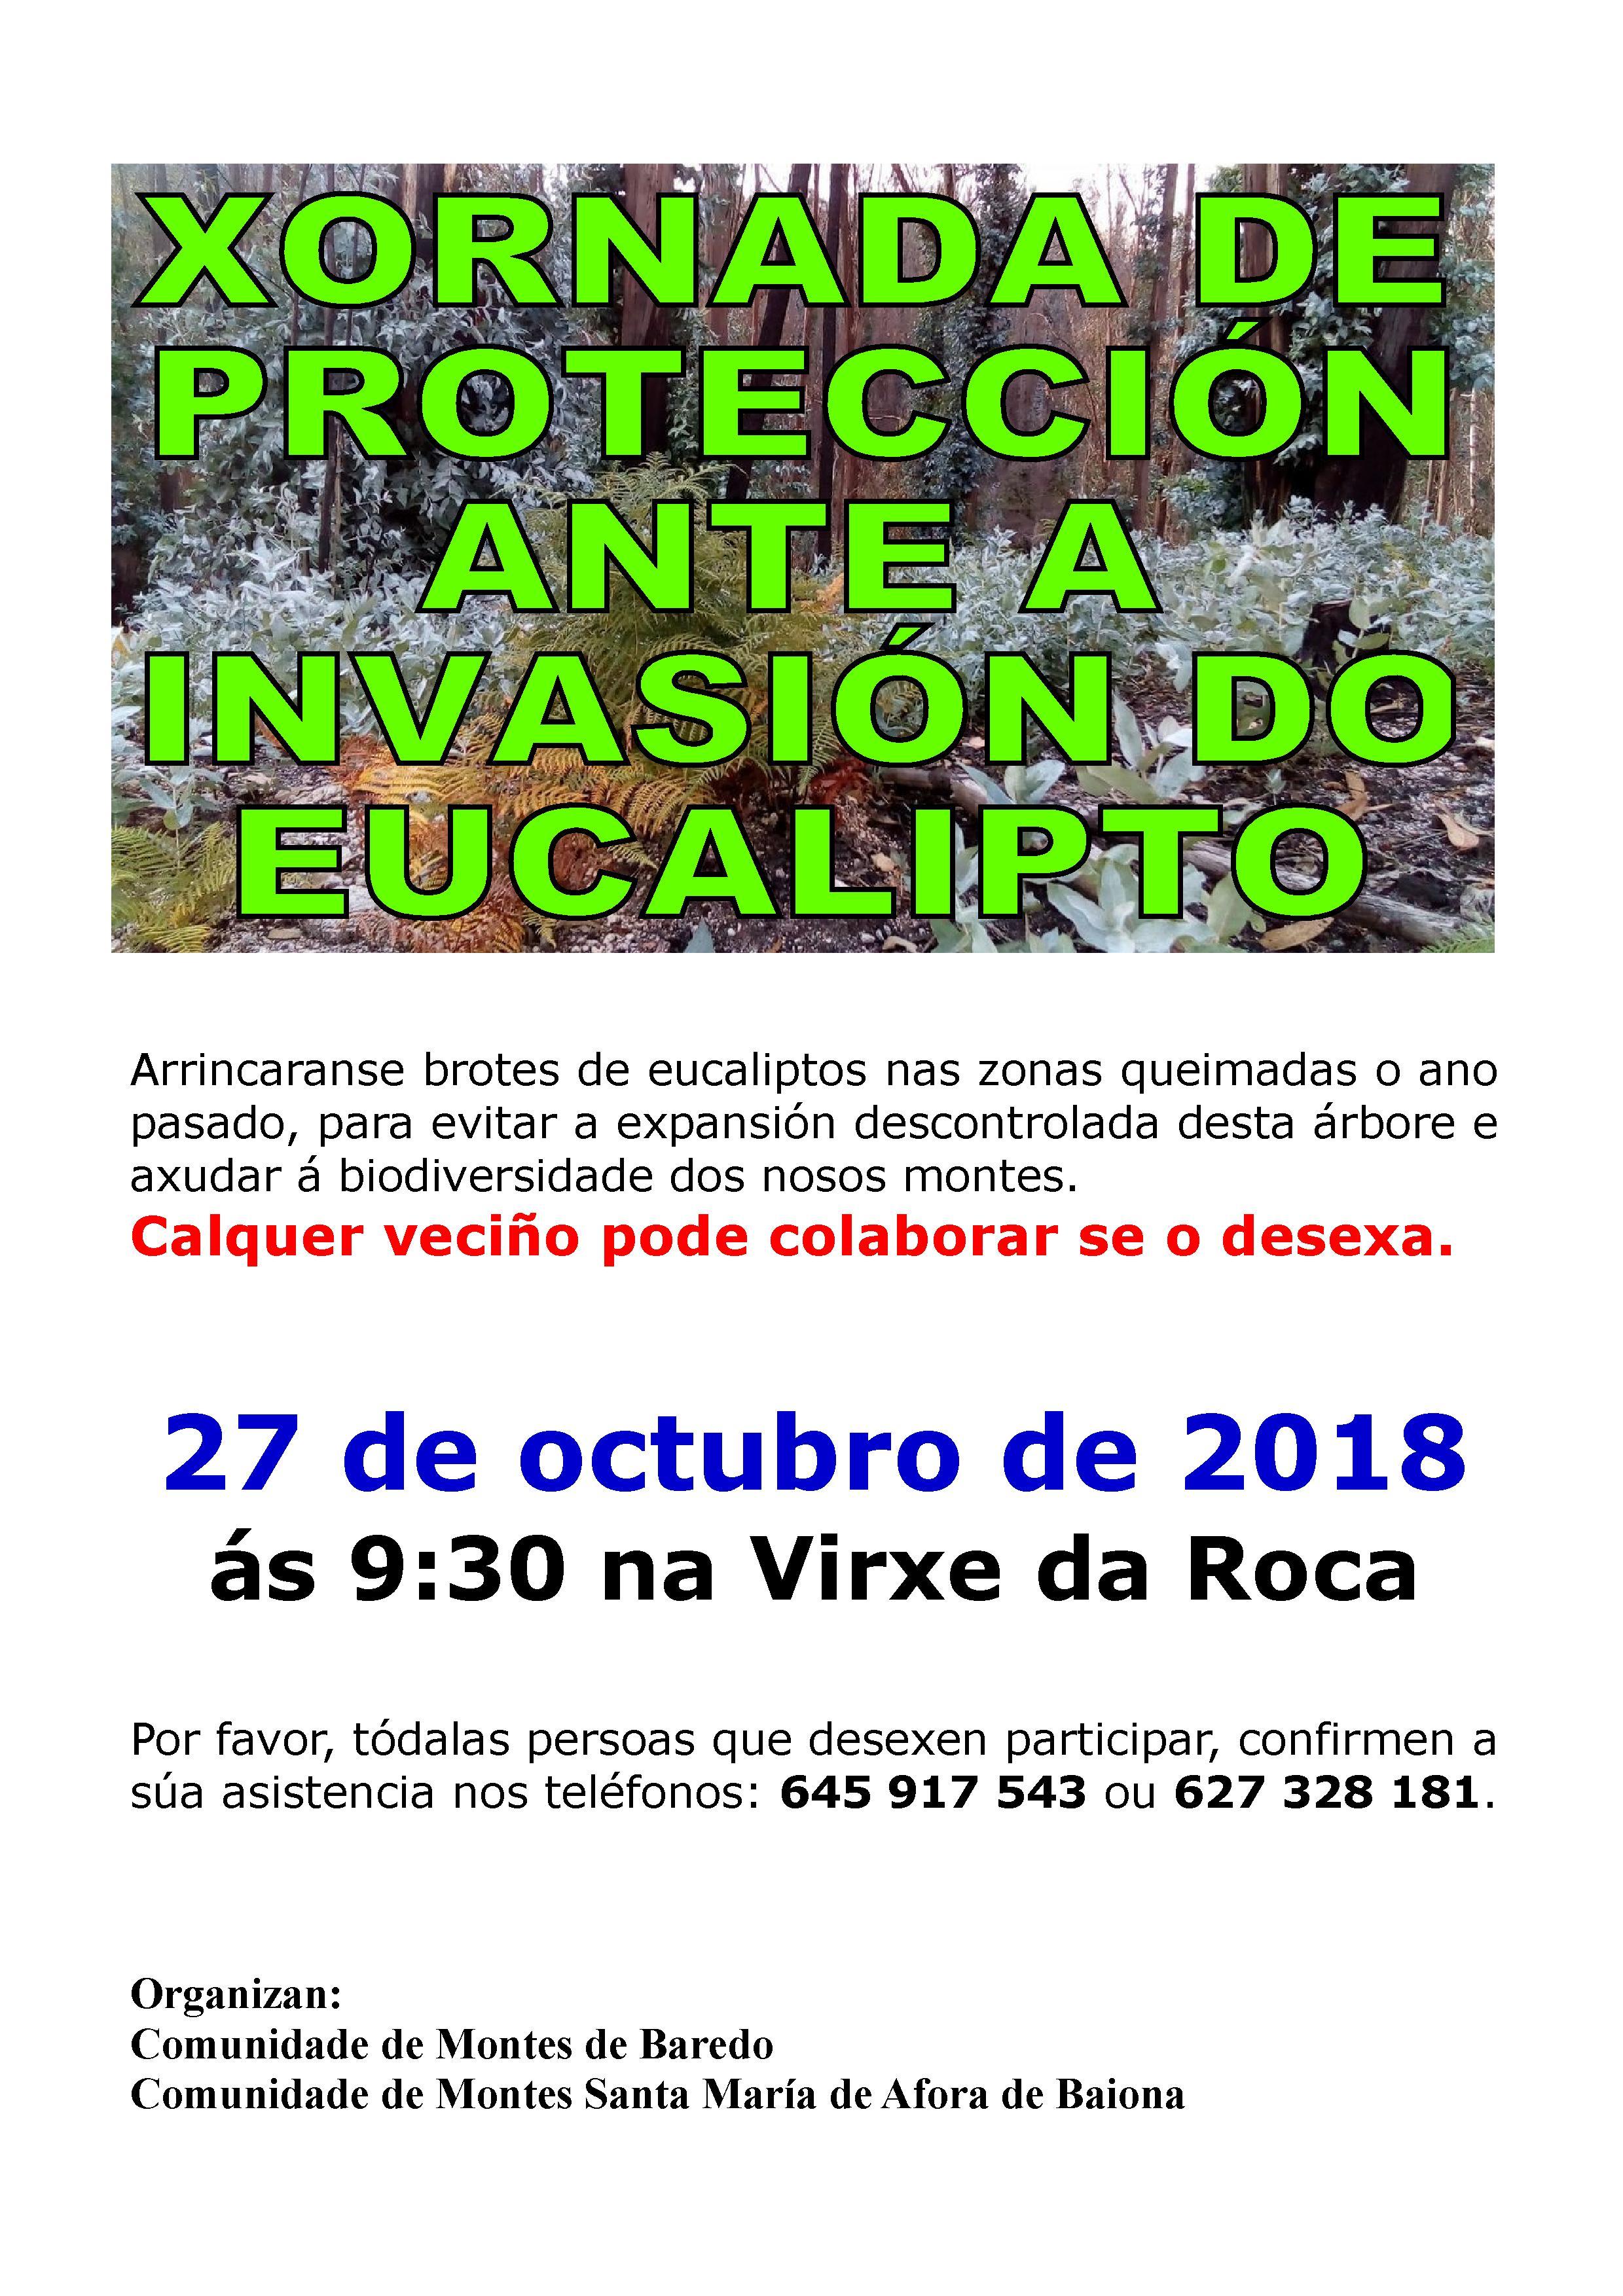 Xornada de Protección ante a Invasión do Eucalipto @ Virxe da Rocha